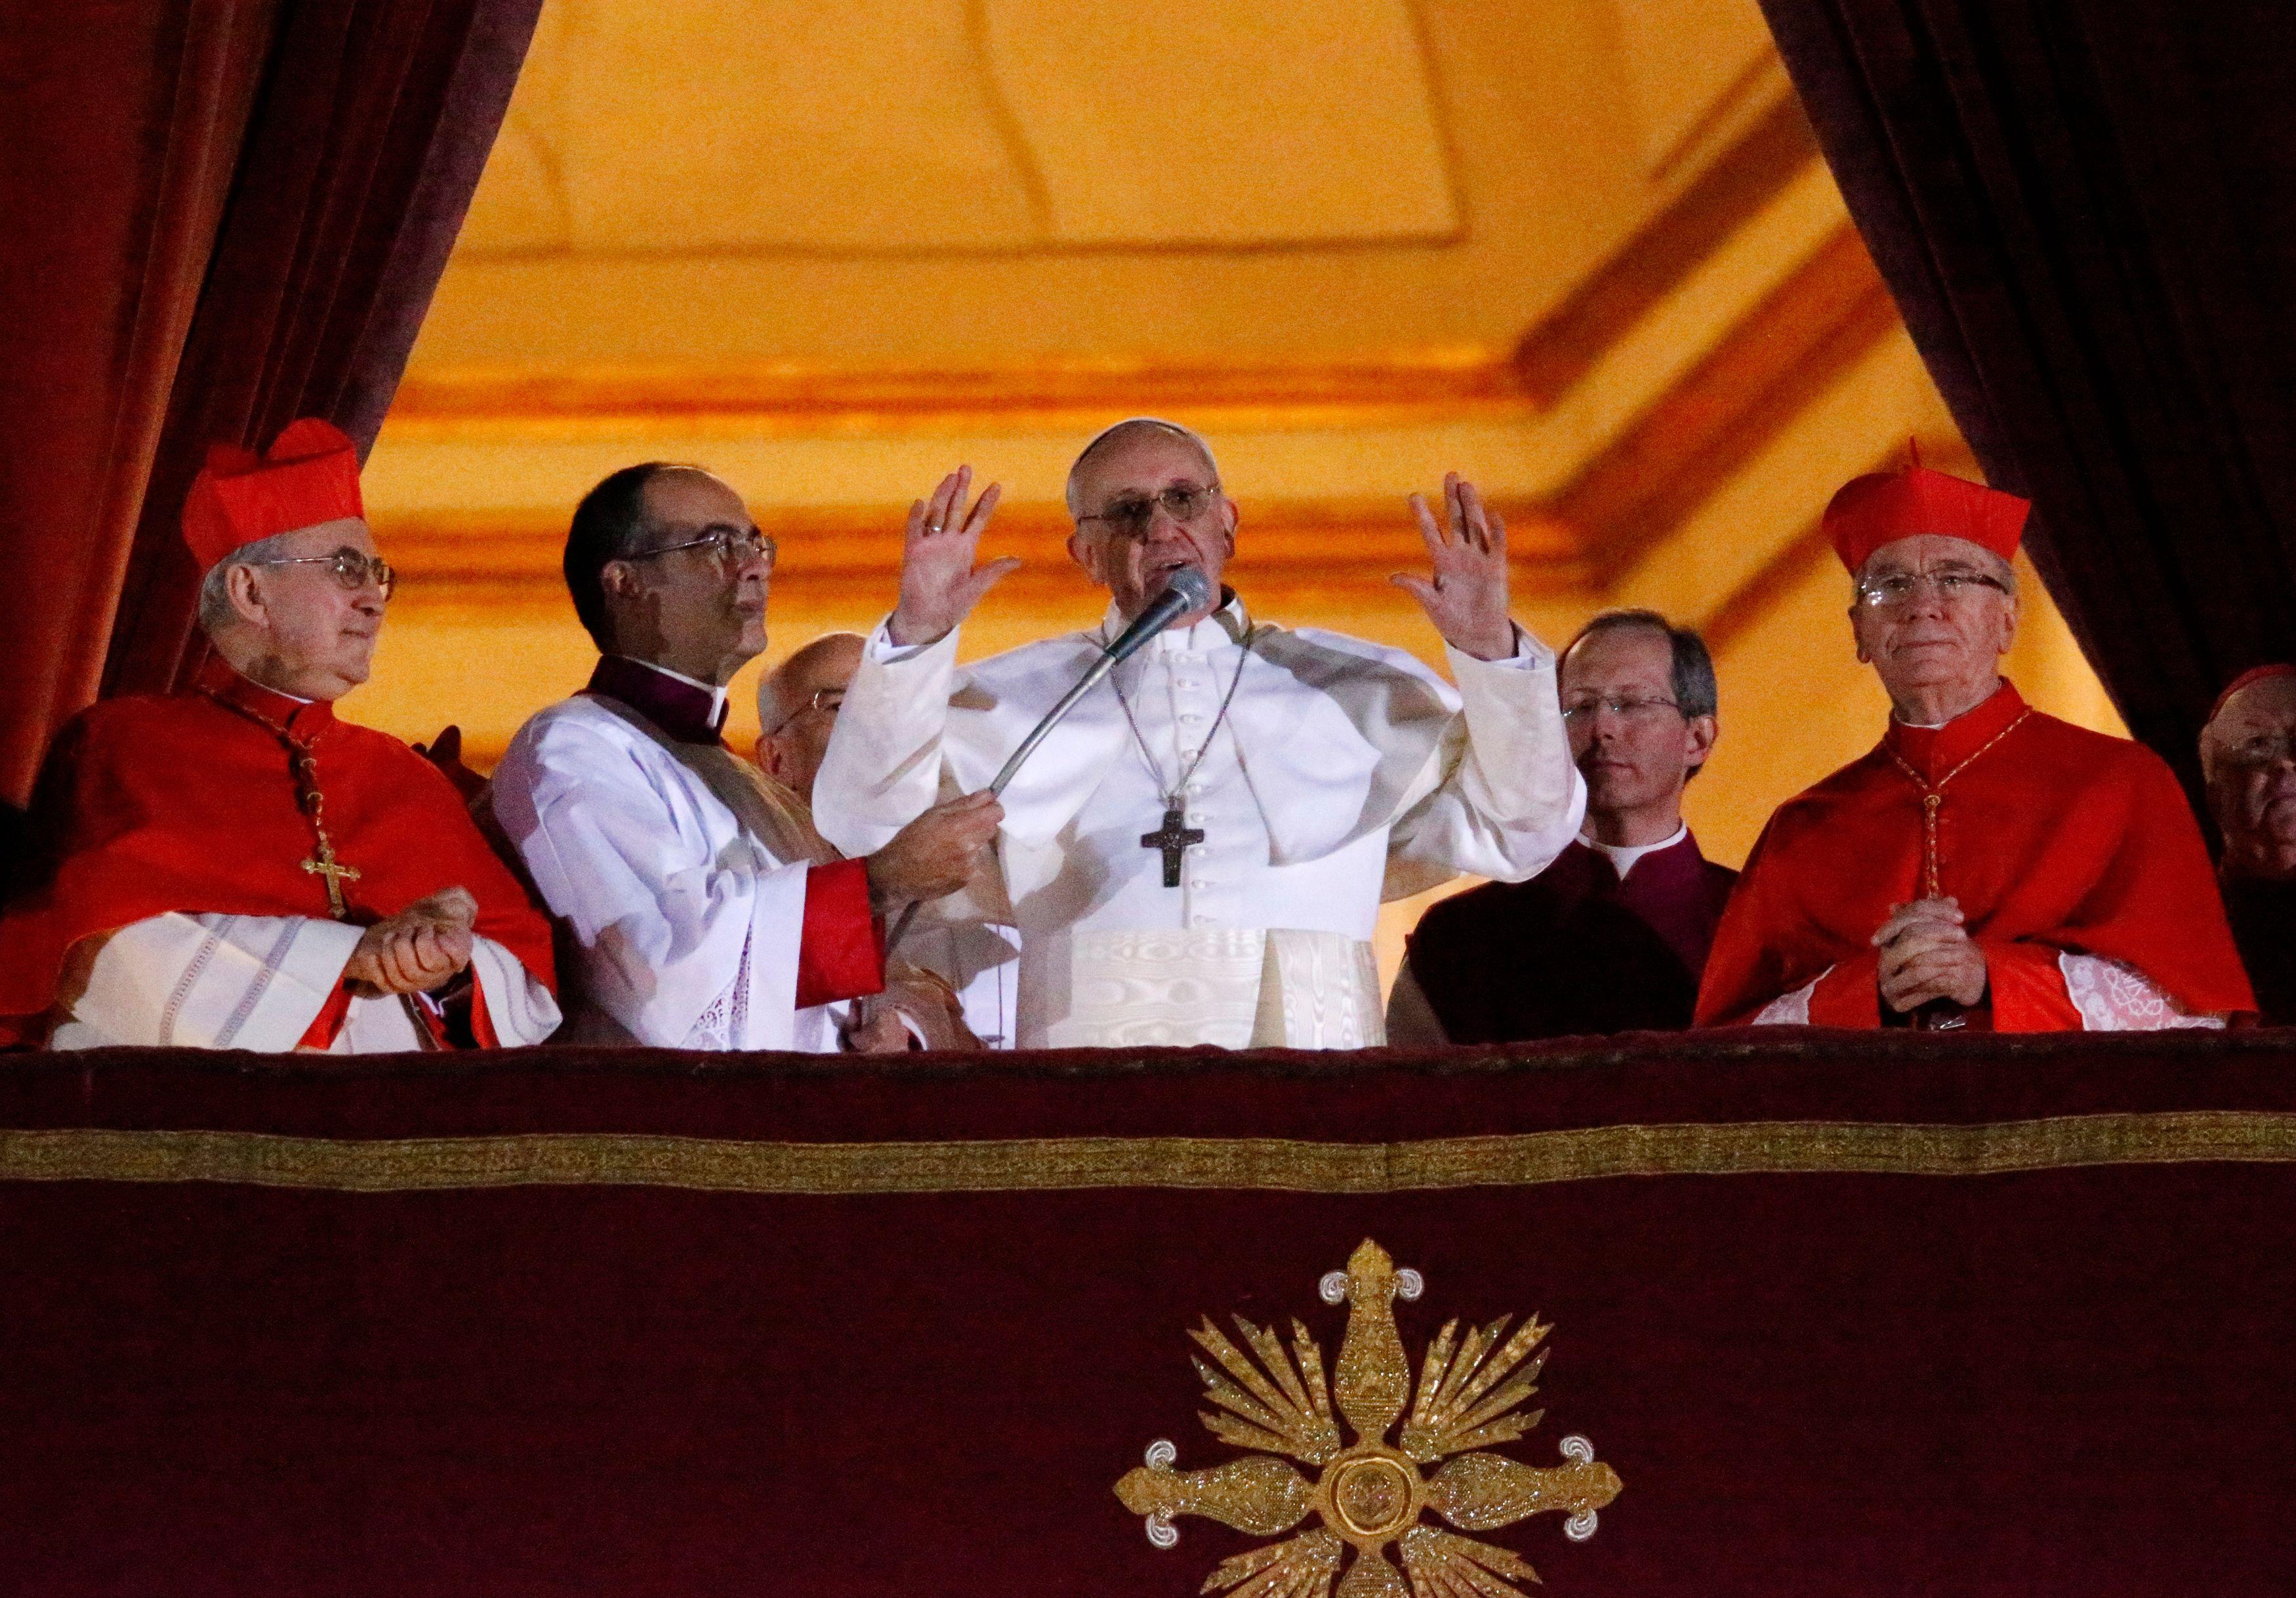 Le Vatican a tweeté un graffiti représentant le pape en Superman.